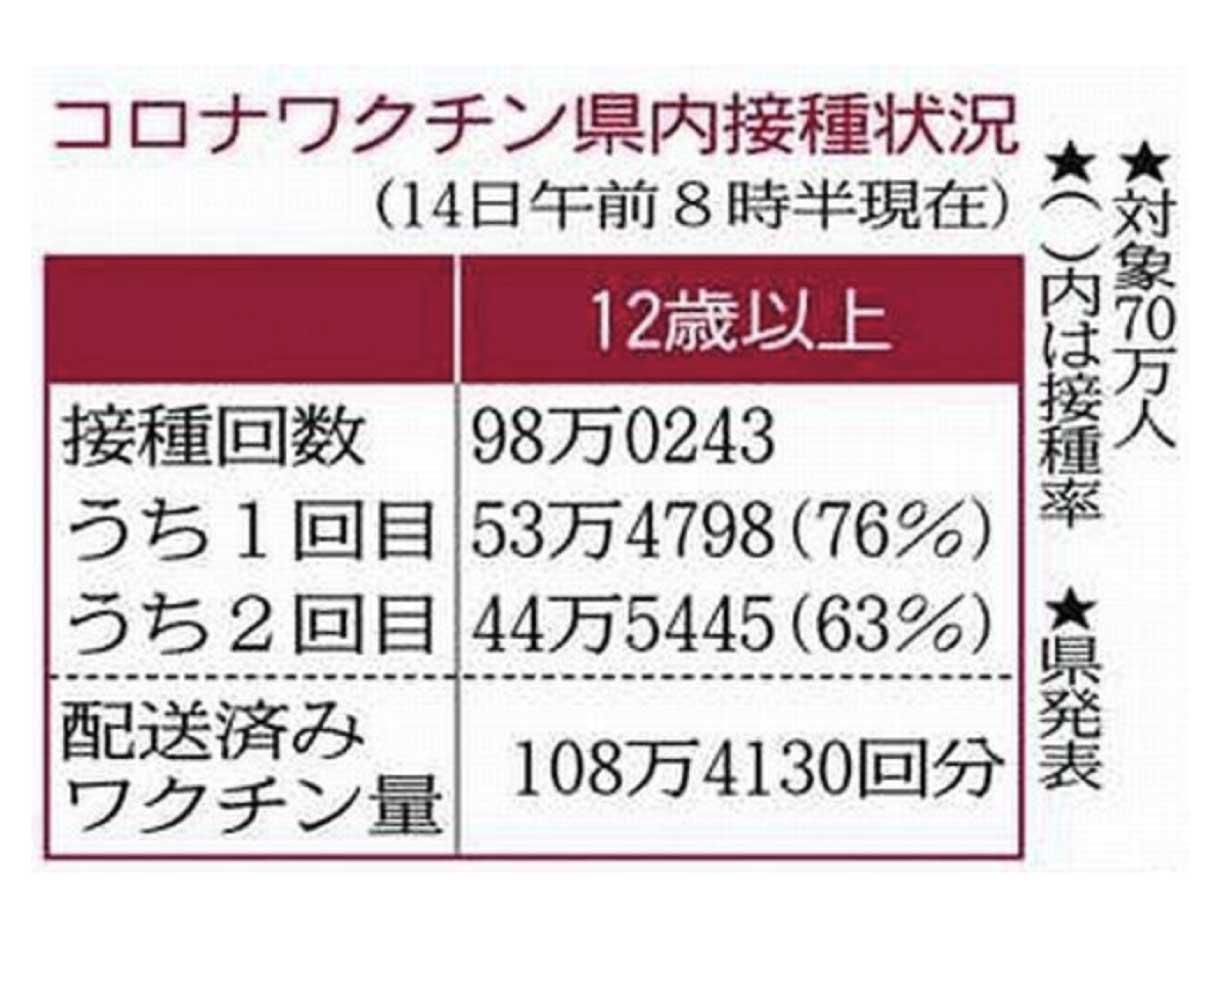 【福井】ブレークスルー感染46人に重症化例なし 早期接種を呼び掛け